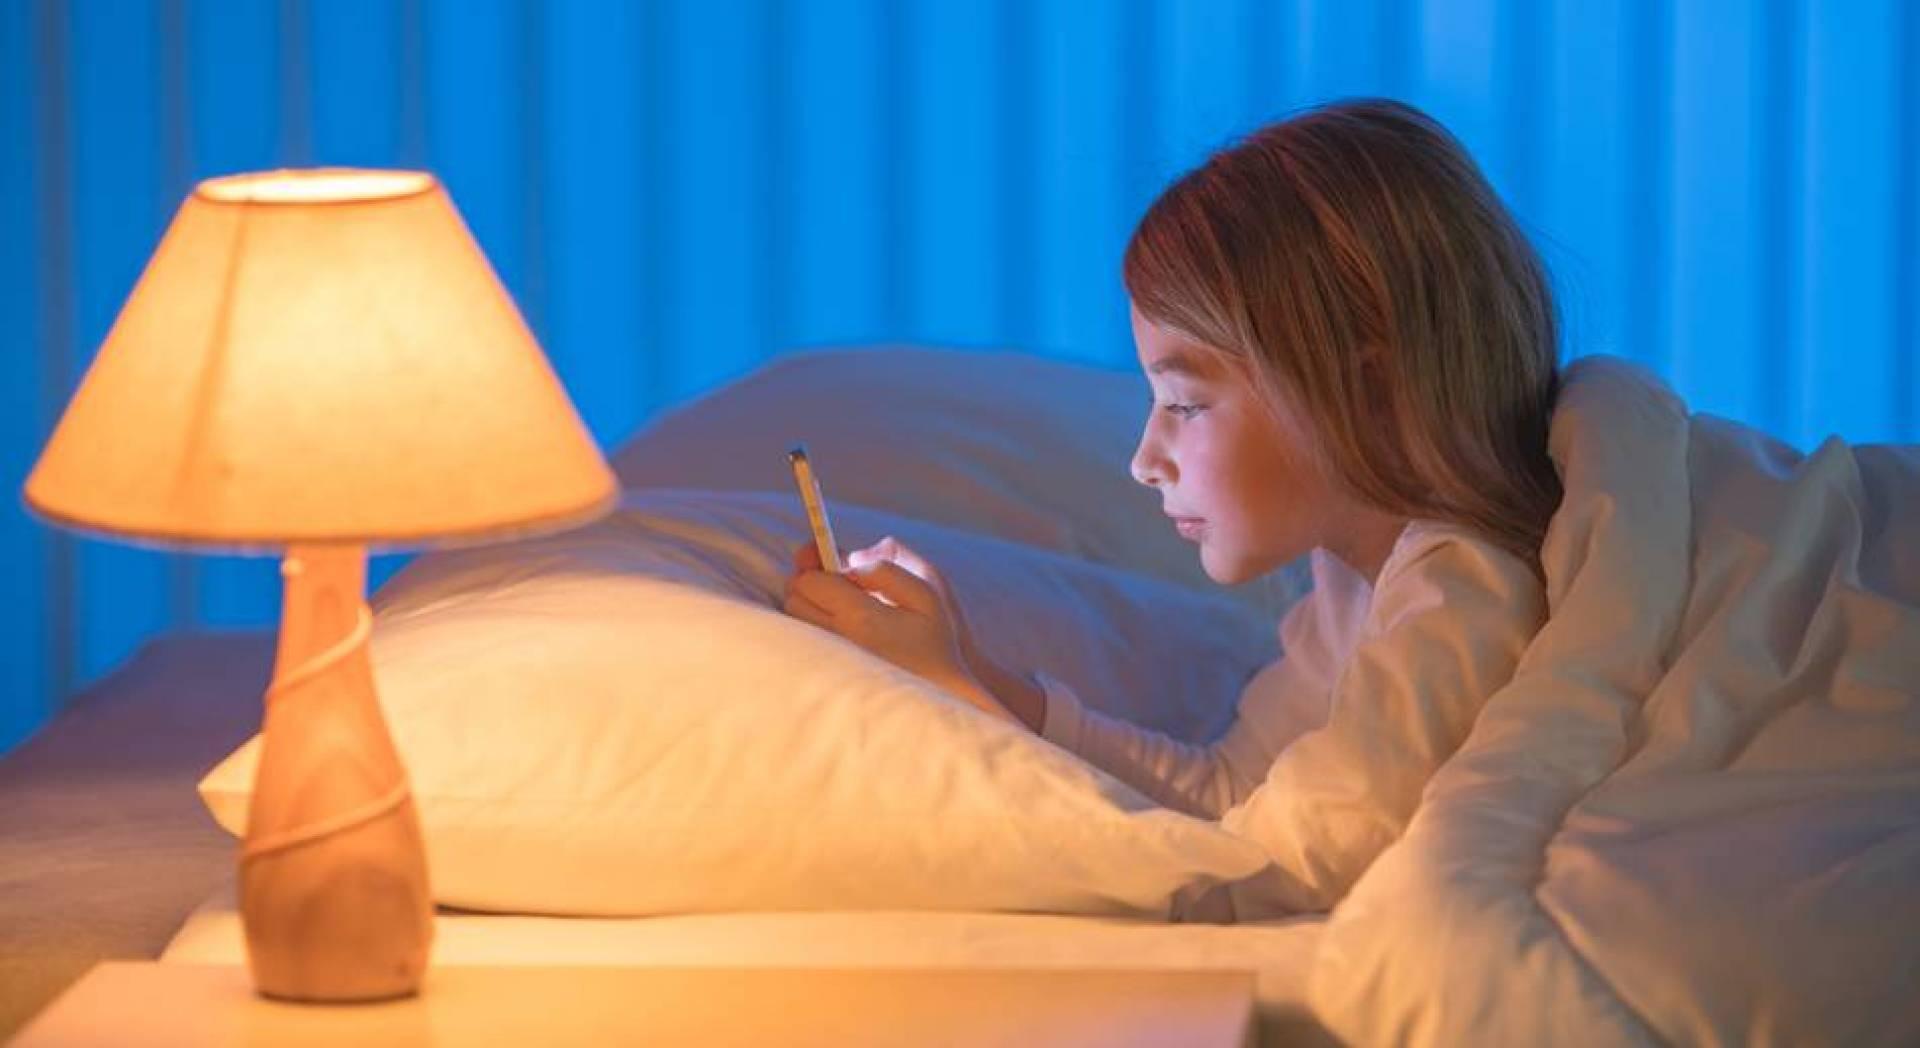 الضوء الأزرق للهواتف يحدث اضطراباً في الساعة البيولوجية